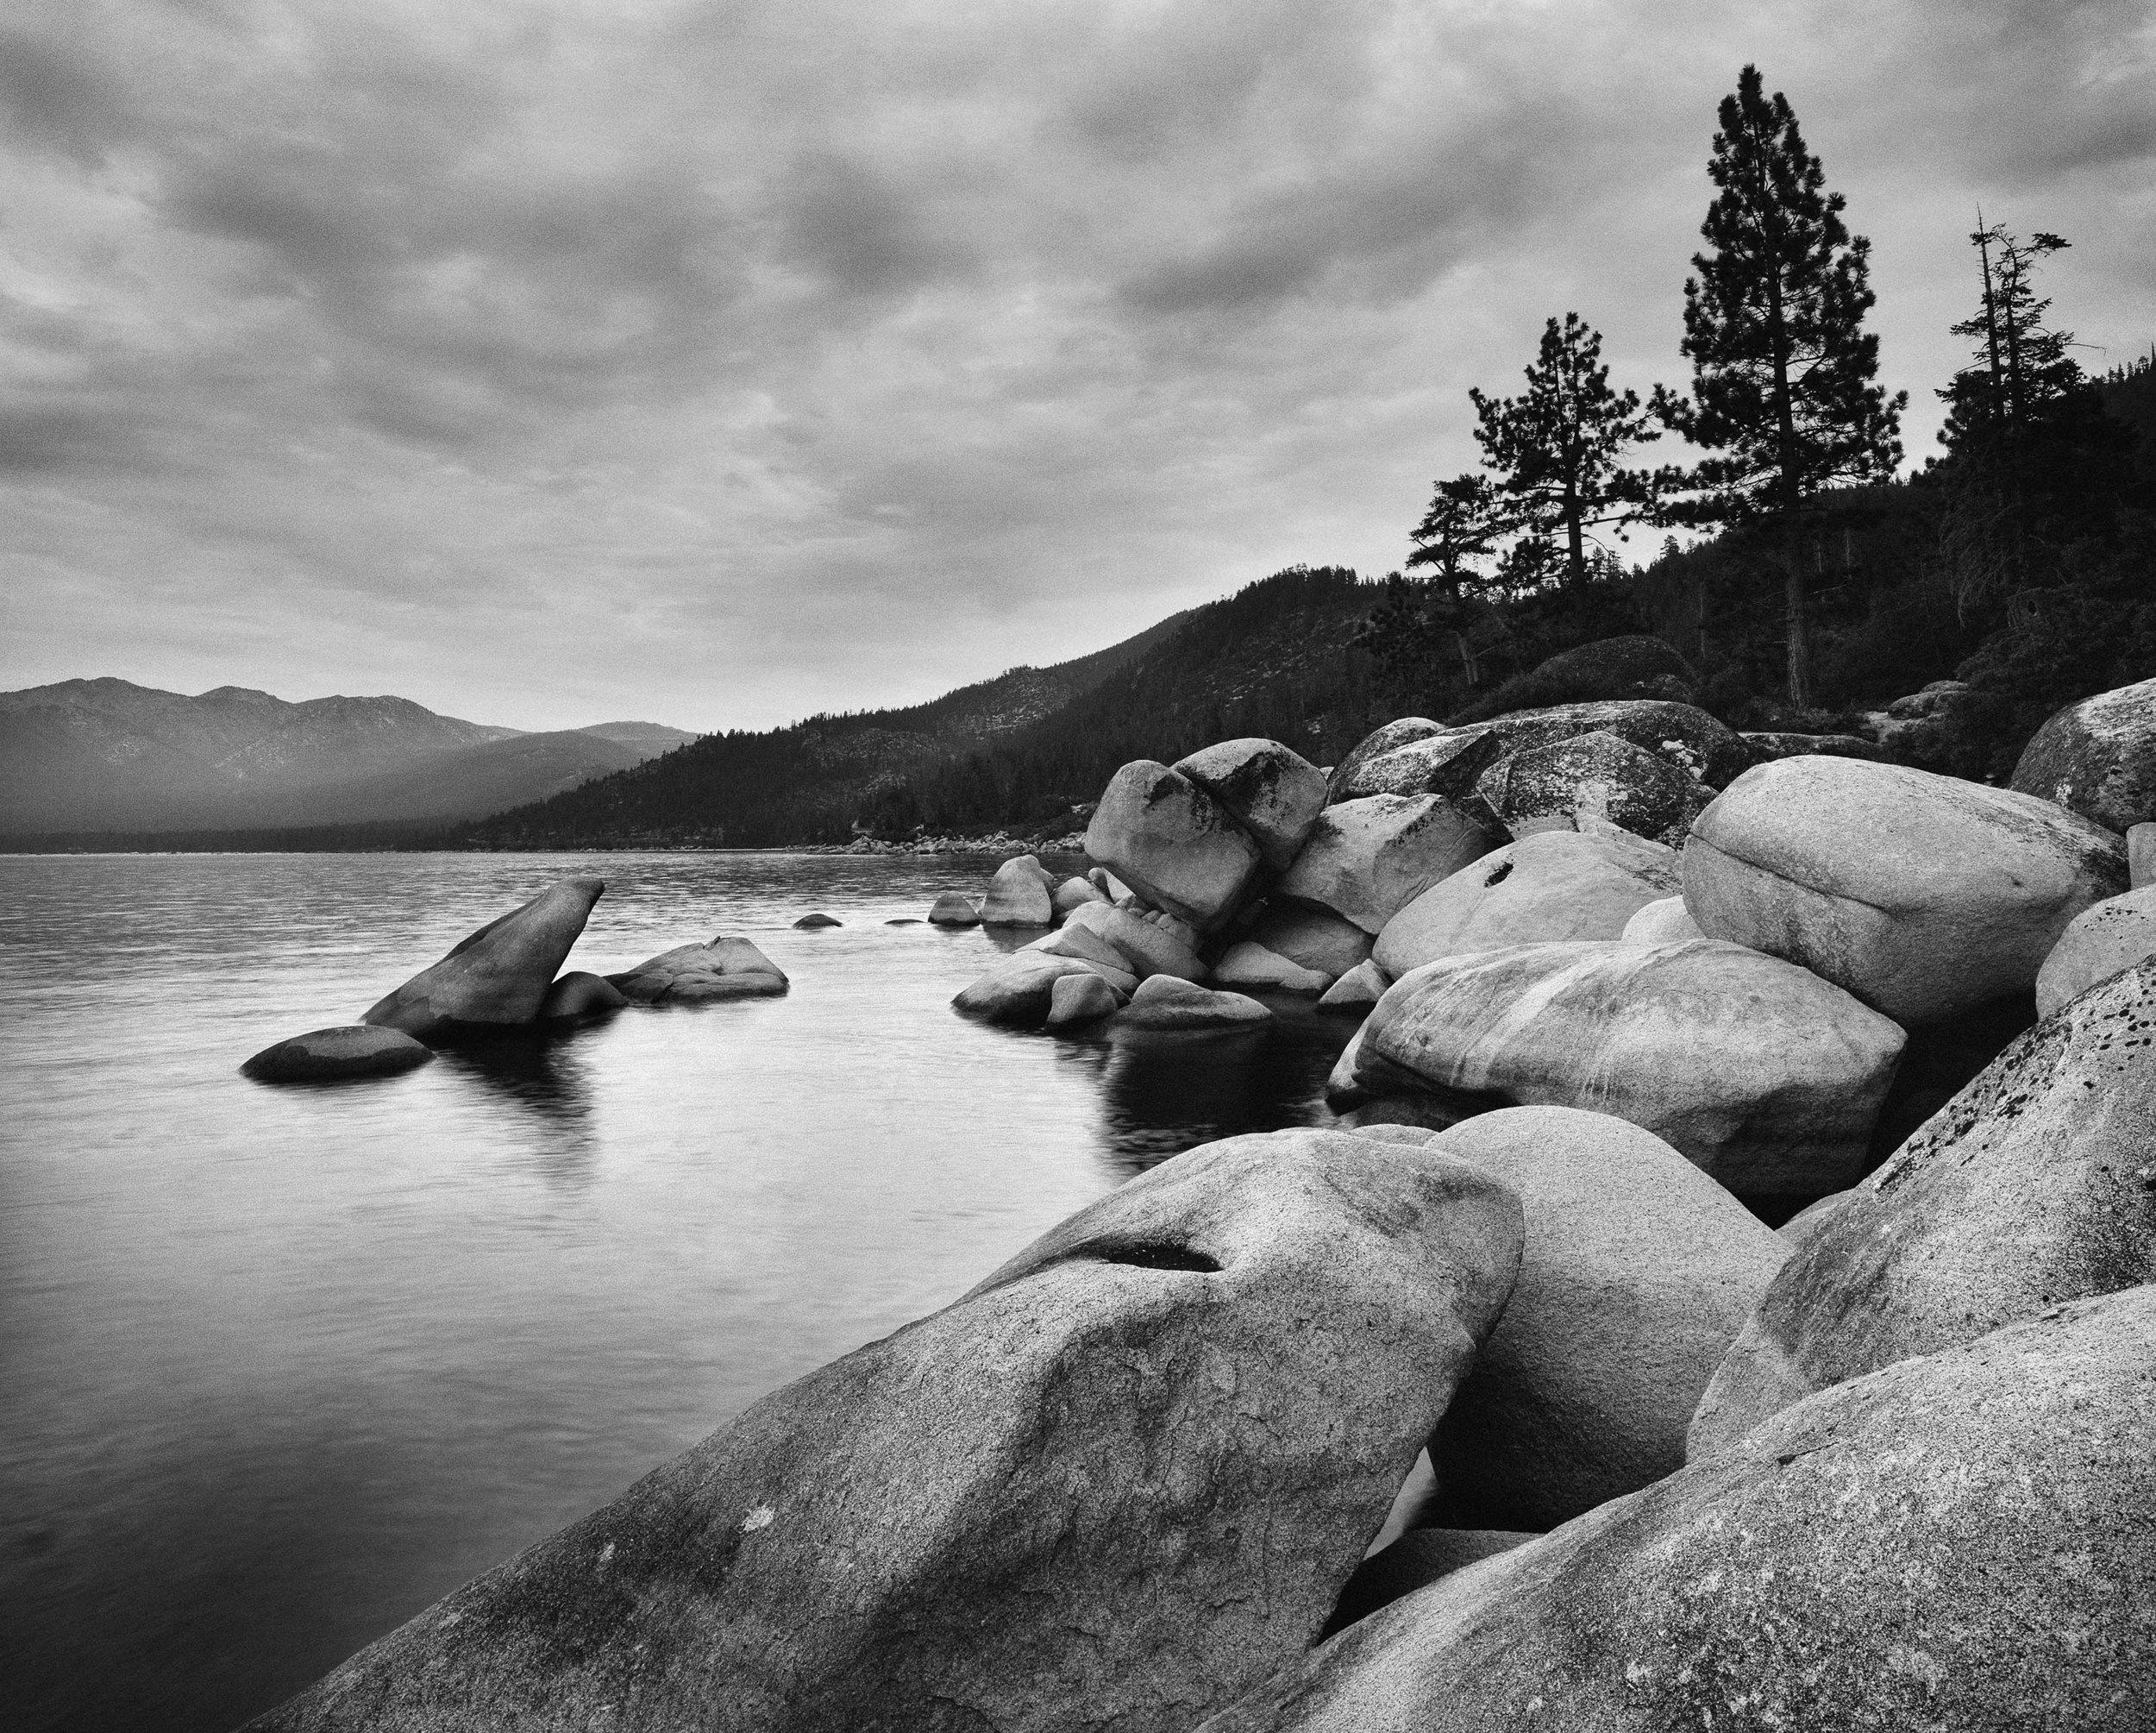 Lake Tahoe, NV #2